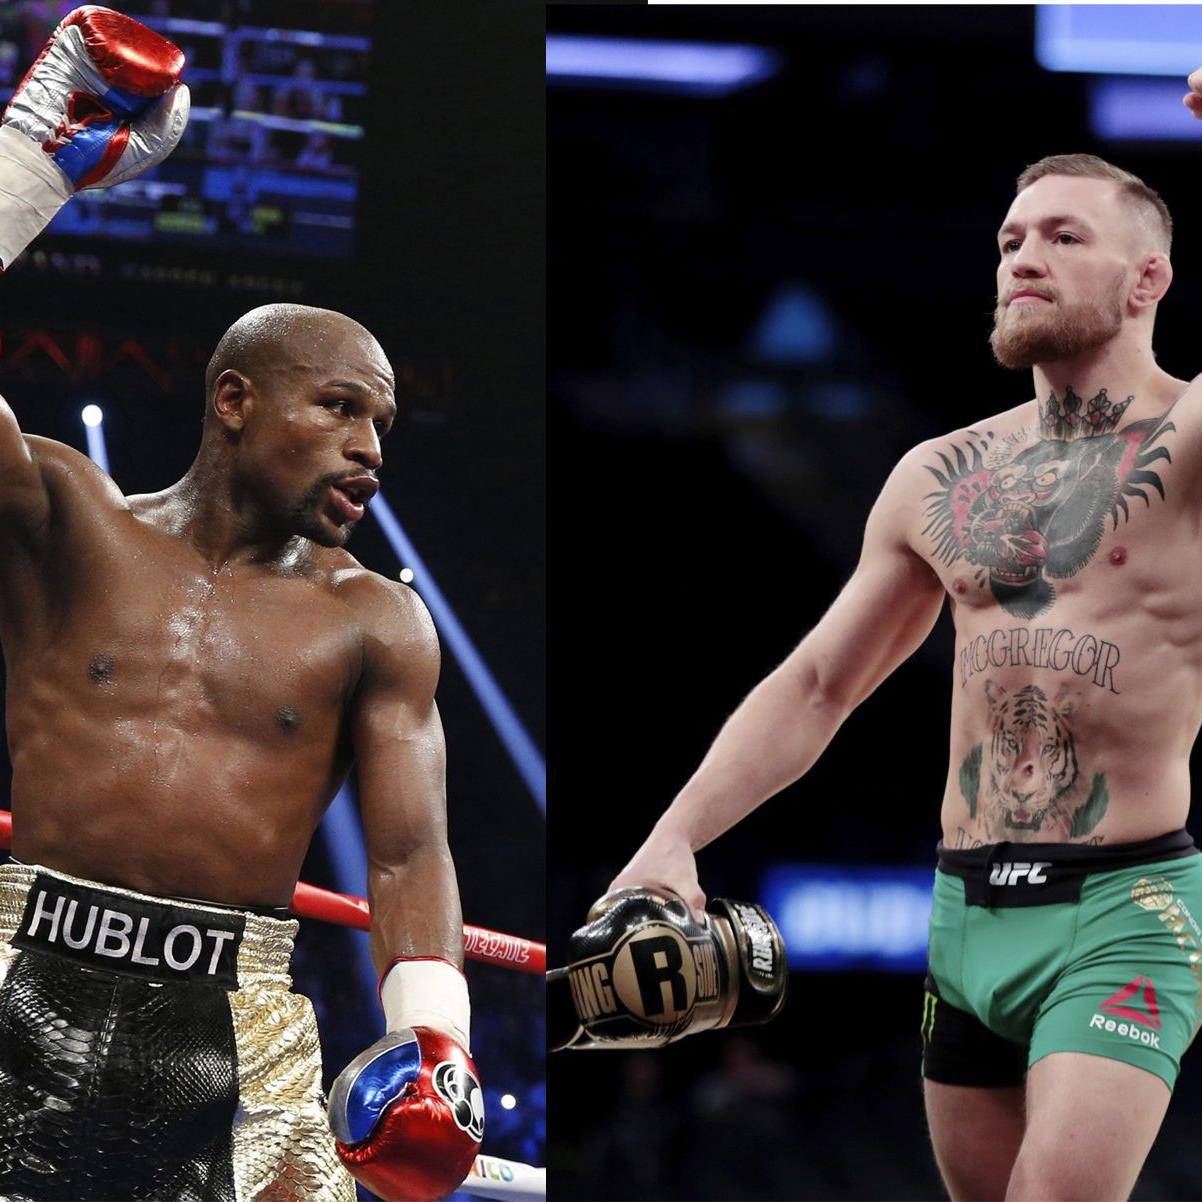 Wer gewinnt das Duell?